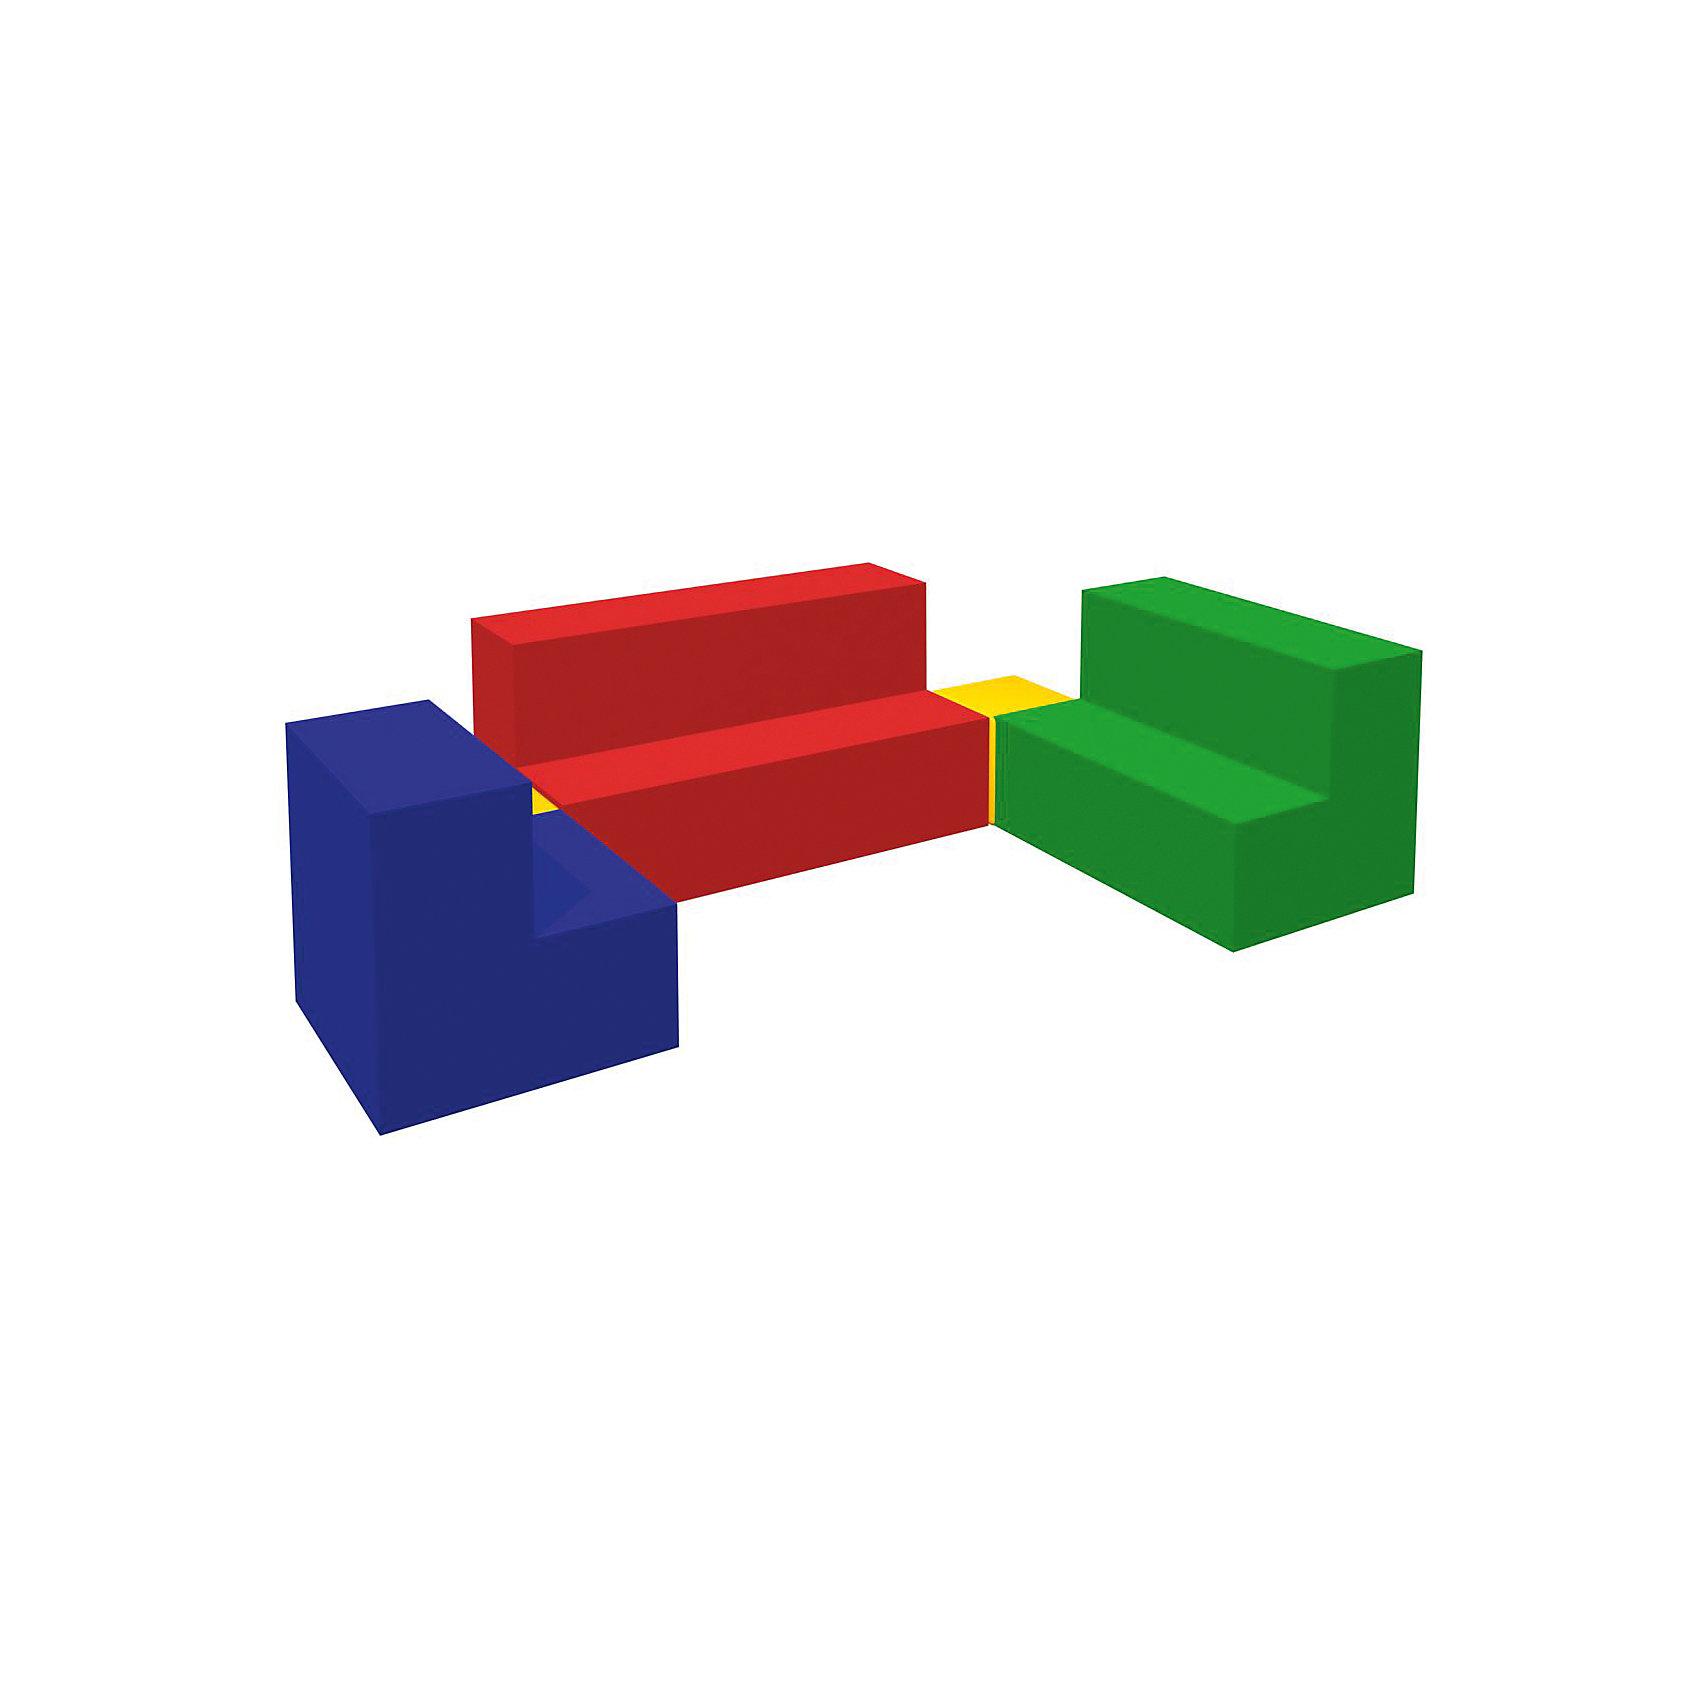 Игровой мягкий комплекс Мебель, RomanaМебель<br>Характеристики:<br><br>• в комплекте: 3 ступени разных размеров, 2 кубика;<br>• размер 1-й ступени: 60х40х40 см;<br>• размер 2-й ступени: 50х40х40 см;<br>• размер 3-й ступени: 40х40х40 см;<br>• размер кубика: 20х20х20 см;<br>• материал: поролон, винилискожа;<br>• размер упаковки: 40х100х160 см;<br>• вес: 6500 грамм.<br><br>Игровой комплекс Мебель  - отличное решение для детских развивающих игр. В набор входят три ступени разной длины и два кубика.<br><br>Совмещая элементы, ребенок научится различать цвета, размеры и формы, познакомится с понятиями больший и меньший. <br><br>Мебель изготовлена из винилискожи и поролона. Мягкие элементы гарантируют безопасность ребенка во время игры. После использования мебель без труда очищается любыми моющими средствами.<br><br>Игровой мягкий комплекс Мебель, Romana (Романа) можно купить в нашем интернет-магазине.<br><br>Ширина мм: 1600<br>Глубина мм: 1000<br>Высота мм: 400<br>Вес г: 6500<br>Возраст от месяцев: 36<br>Возраст до месяцев: 60<br>Пол: Унисекс<br>Возраст: Детский<br>SKU: 6742454